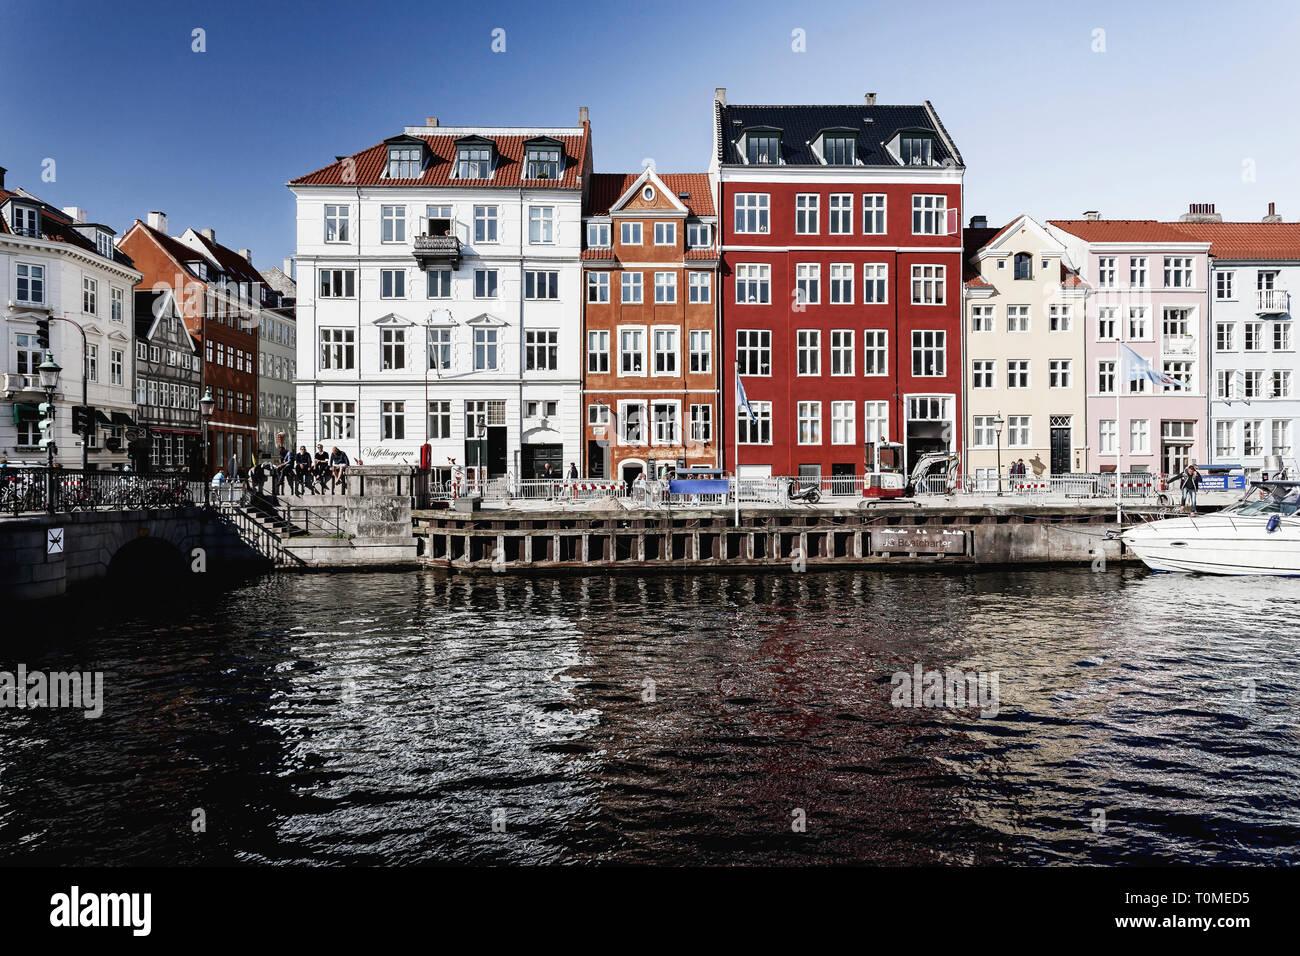 L'architecture historique, Nyhavn, Copenhague, Danemark Banque D'Images